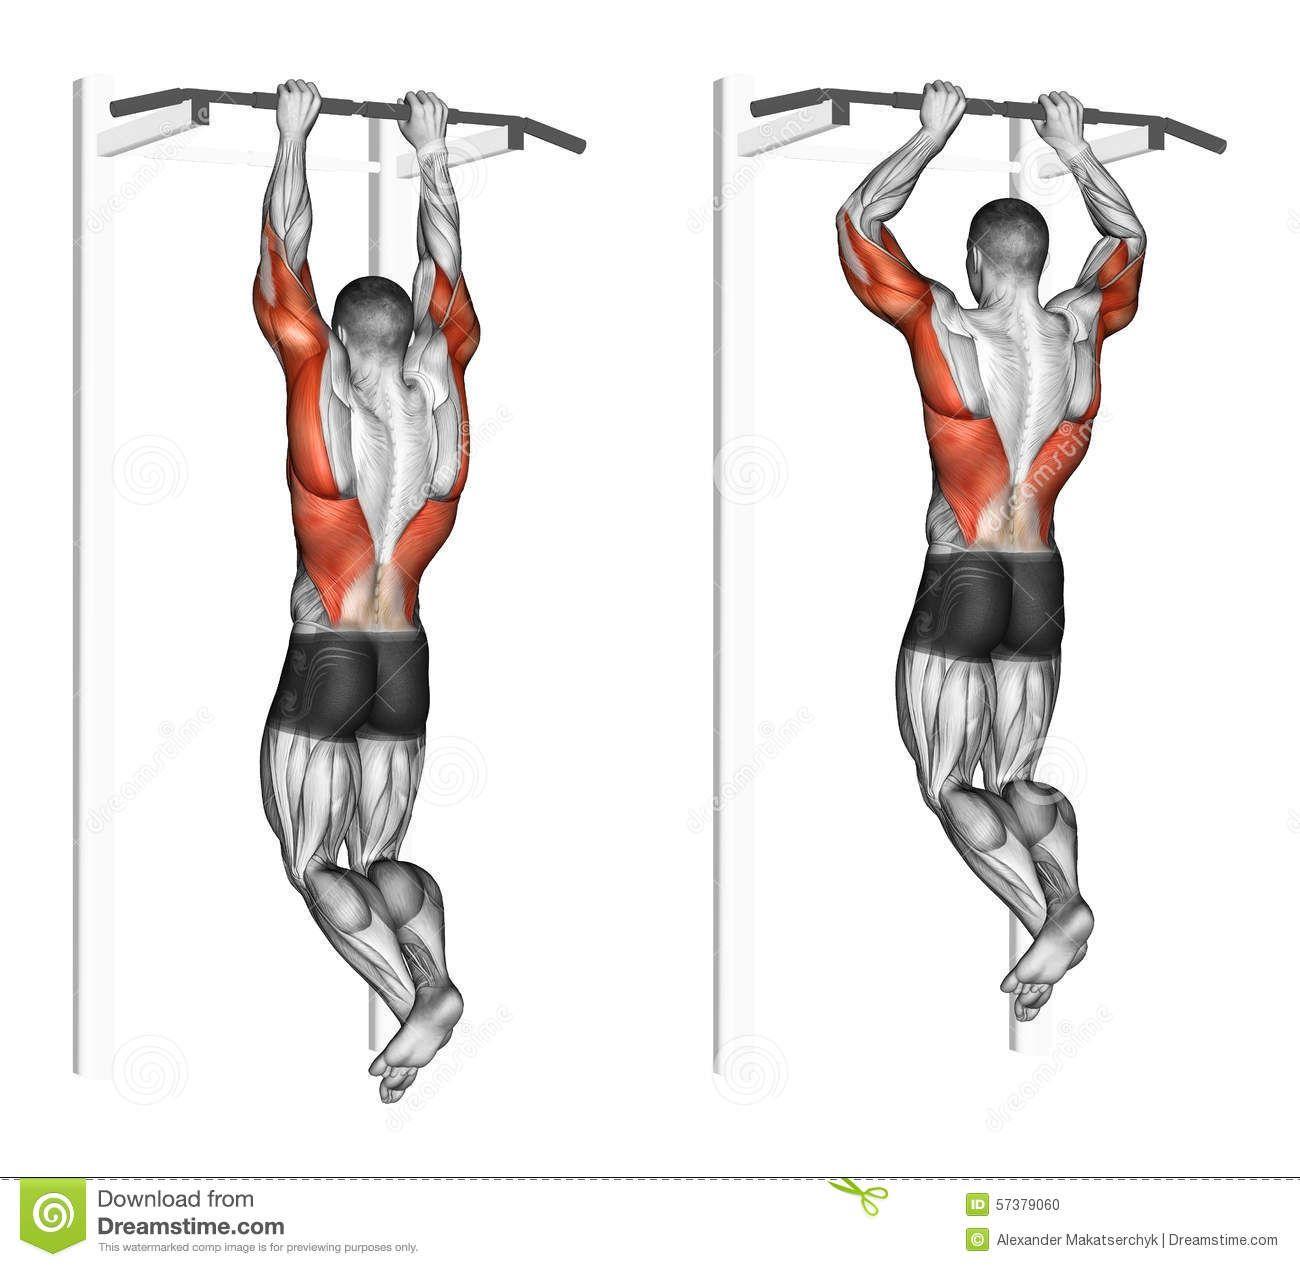 d ball workout supplement